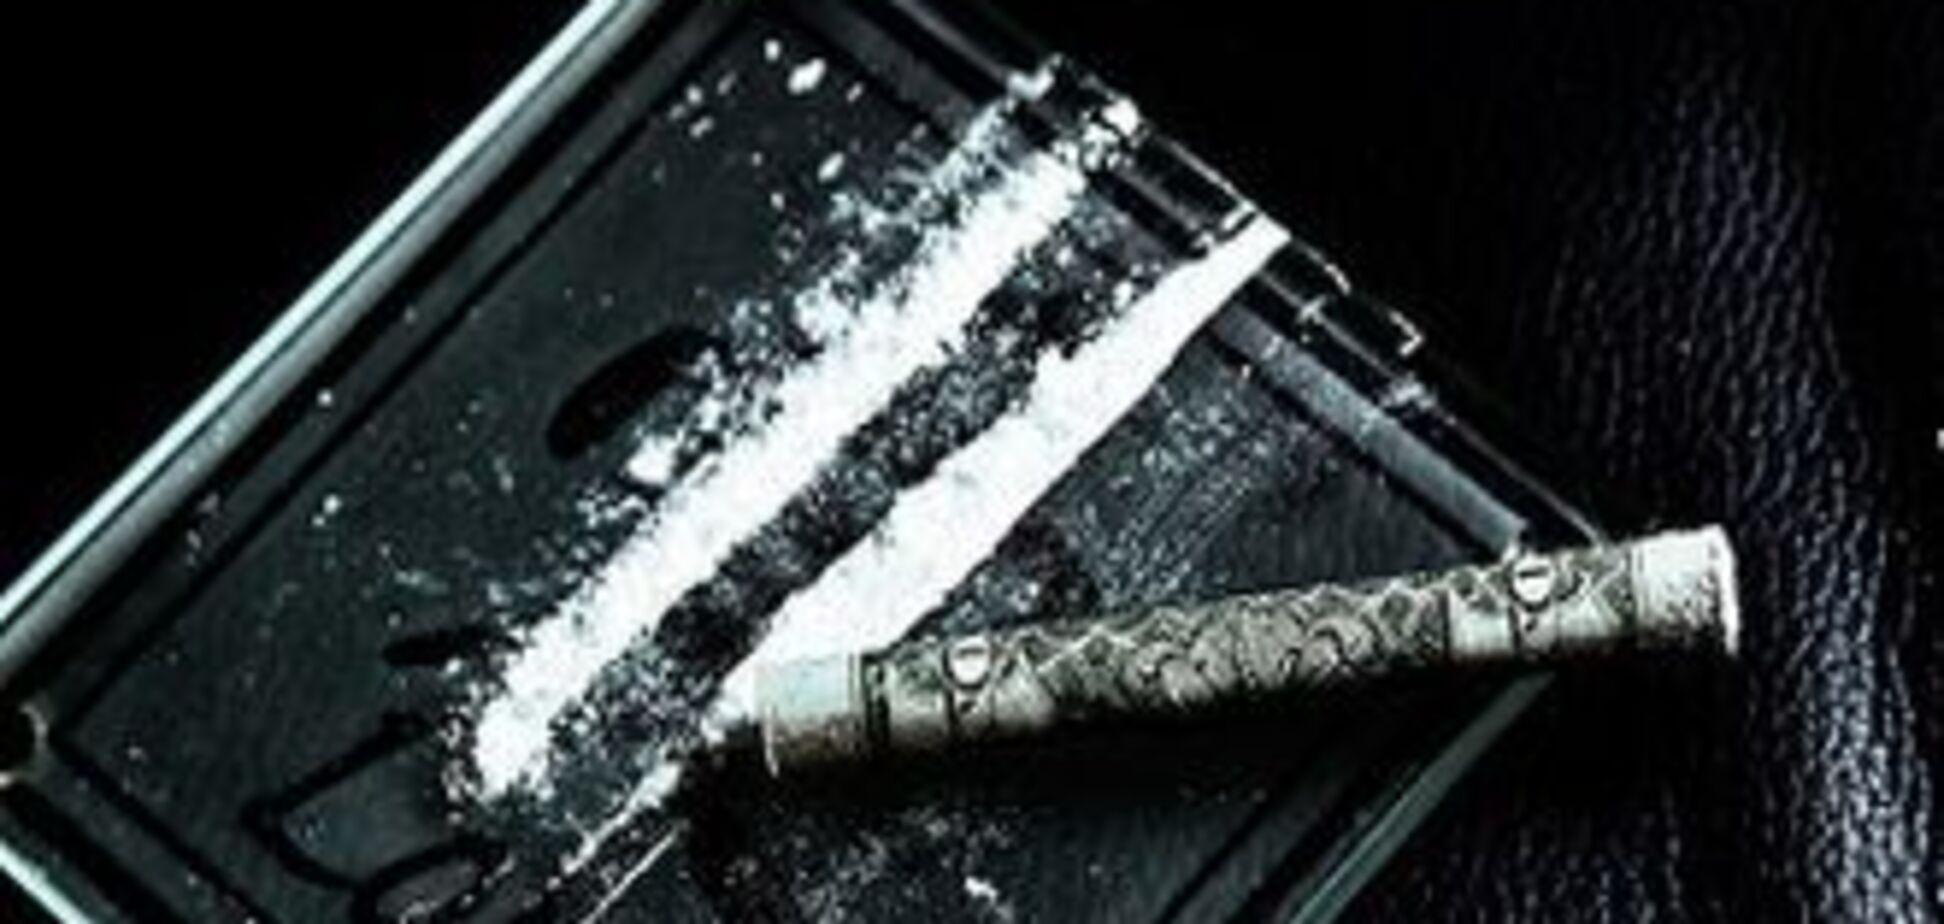 На ЧС з футболу мафія приготувала склад кокаїну